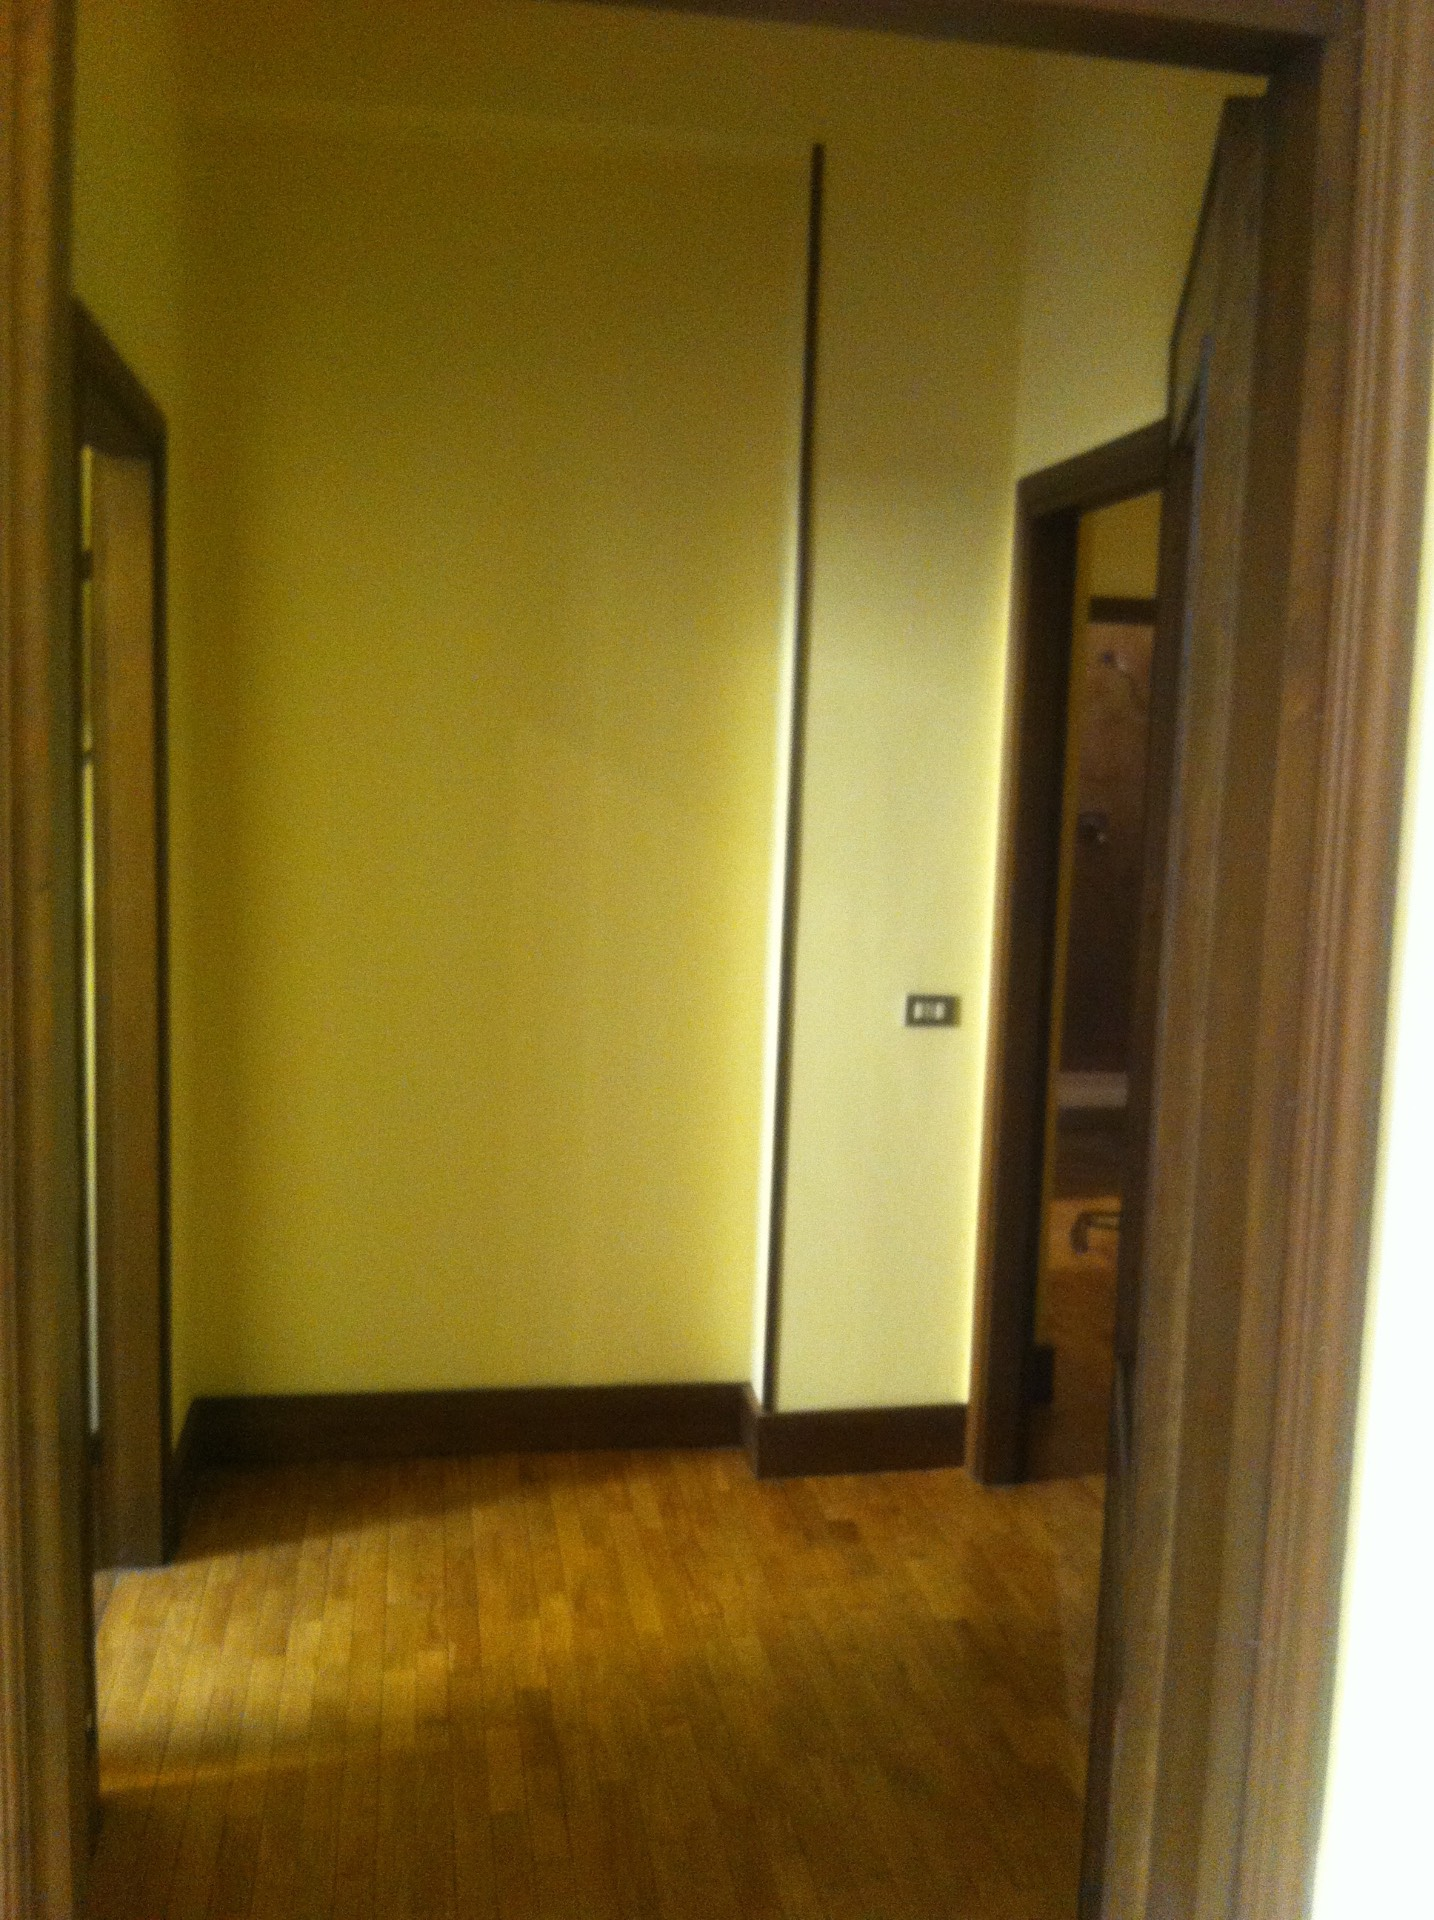 Appartamento in affitto a Brescia, 3 locali, zona Località: 5-BRESCIADUE,FORNACI,CHIESANUOVA,VILLAGGIOSERENO,QUARTIEREDONBOSCO,FOLZANO,LAMARMORA,PORTACREMONA,VIAVOLTA, prezzo € 400 | CambioCasa.it